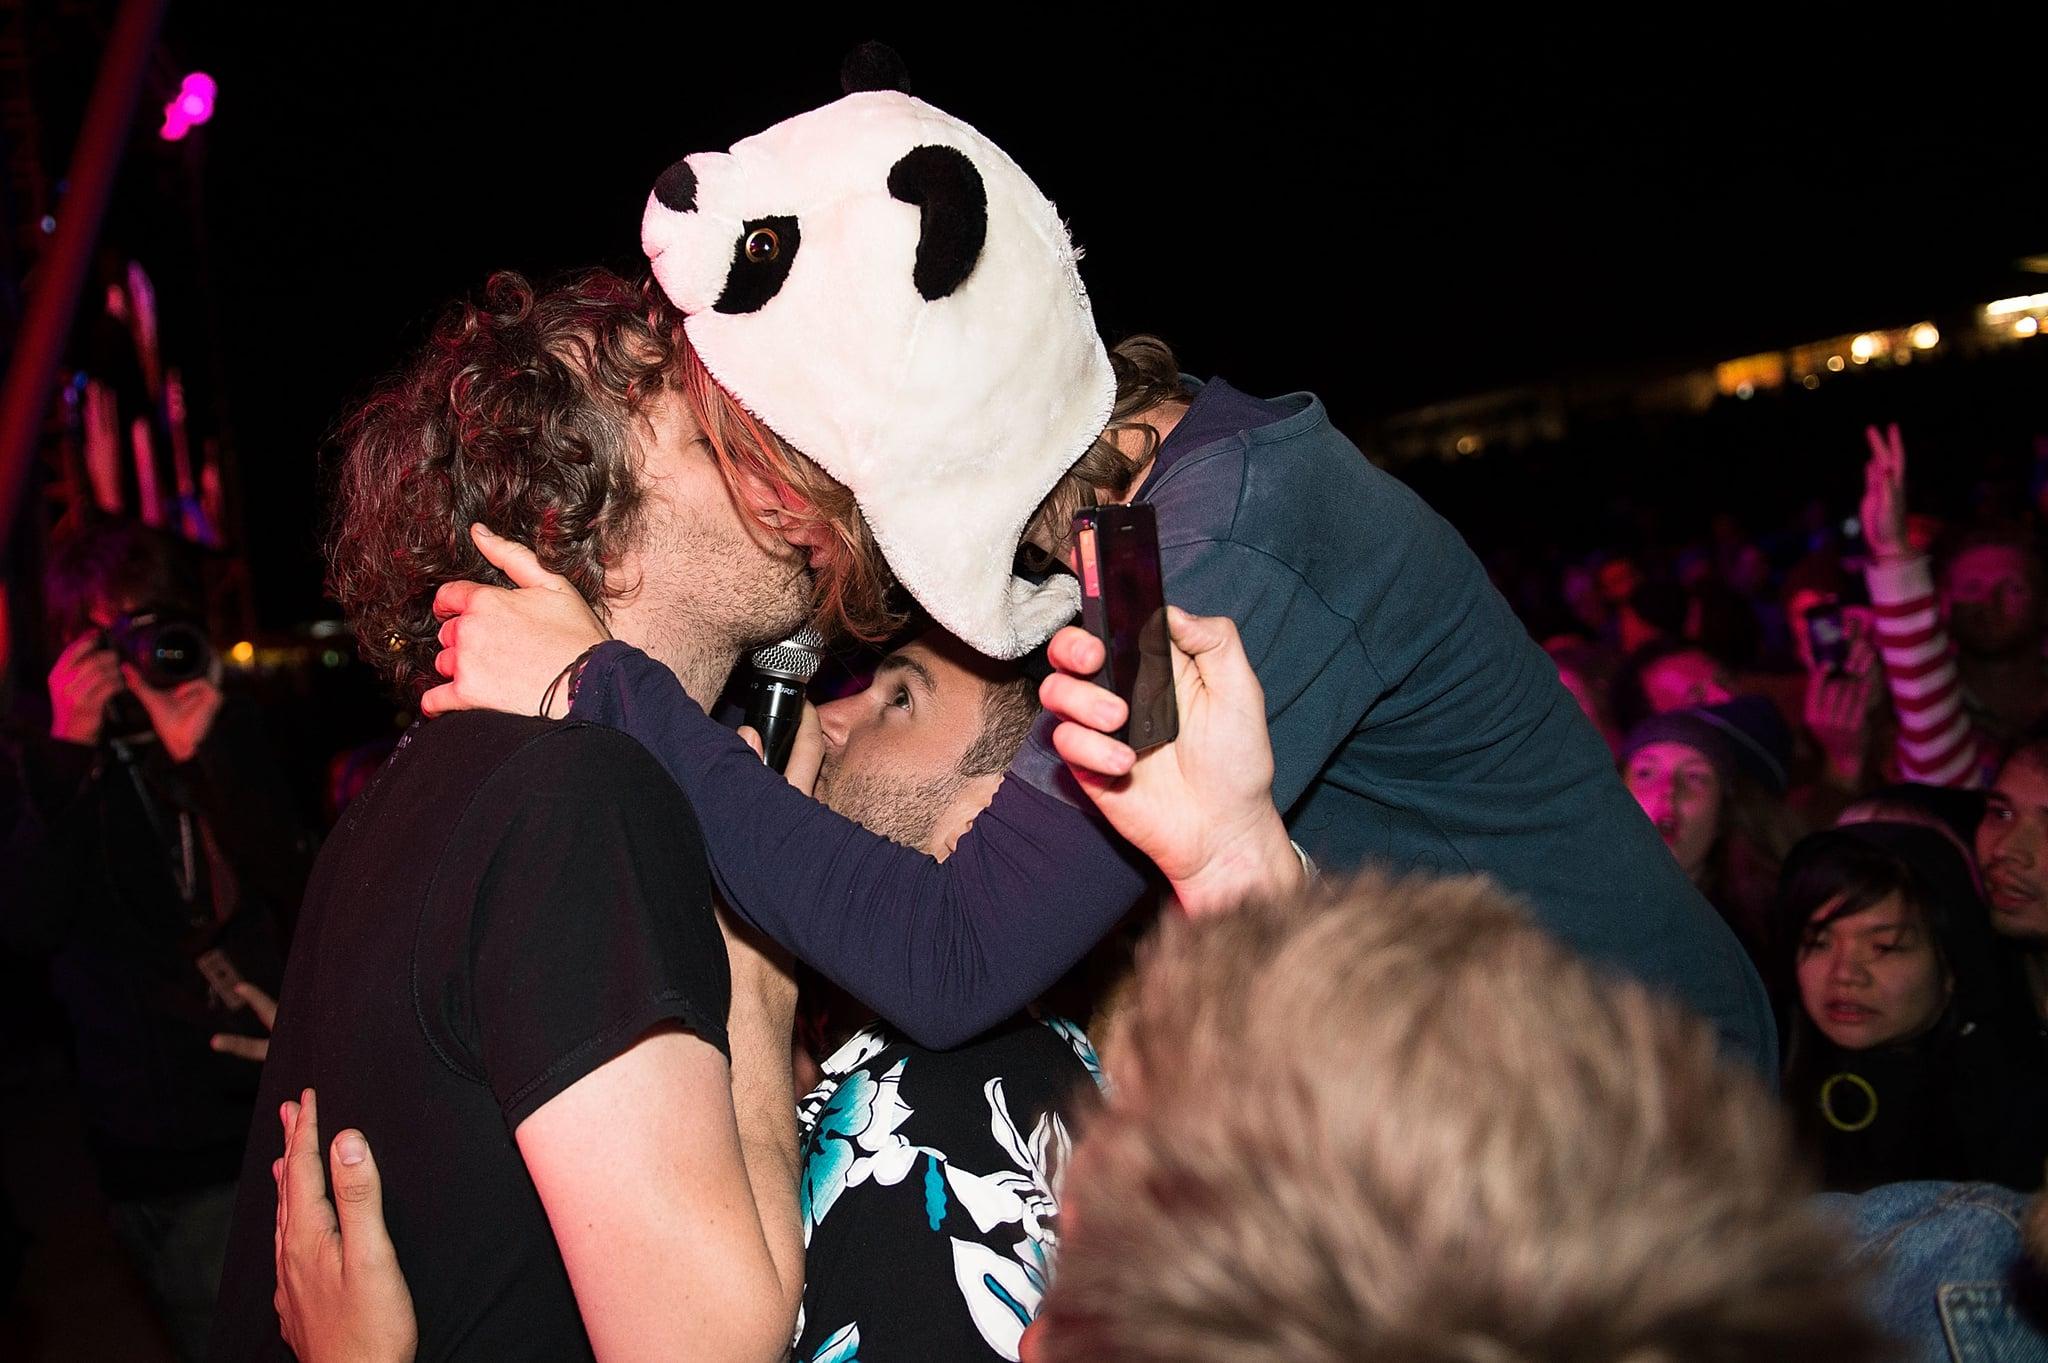 ChkChkChk got a kiss from a fan at Falls Festival in Lorne, Australia.